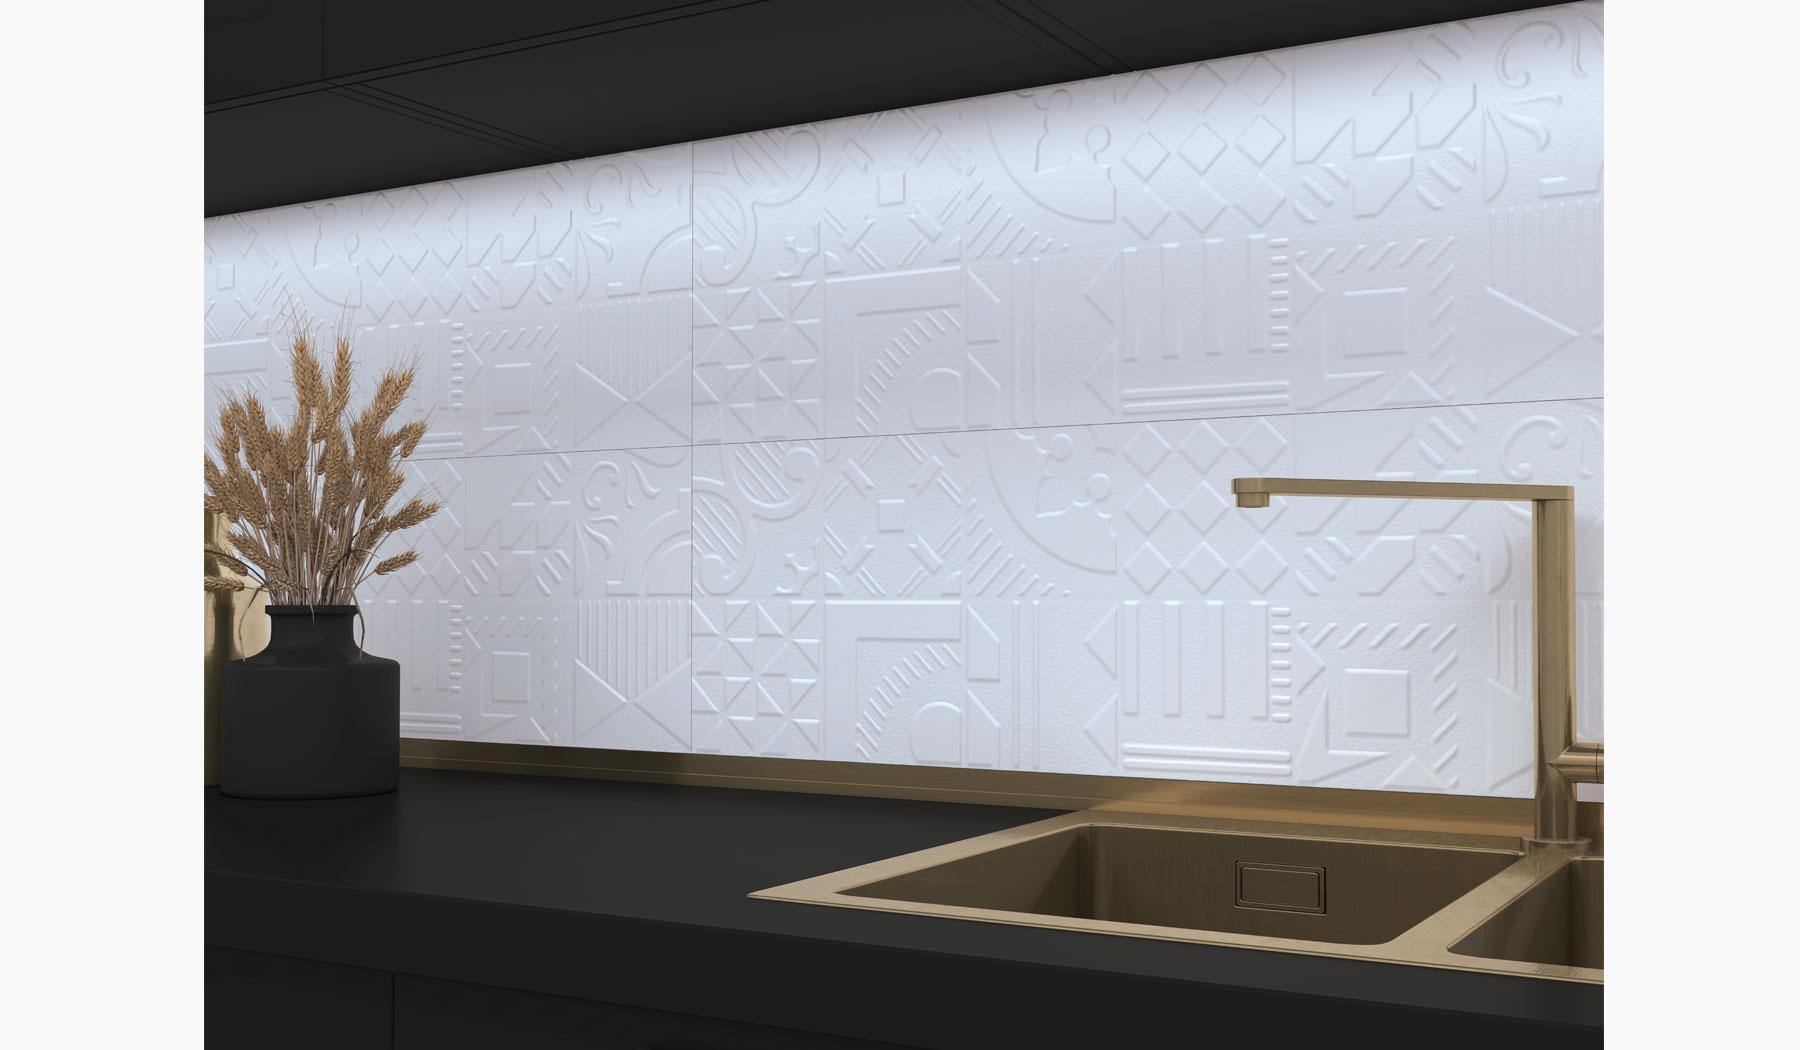 کاشی و سرامیک بوم سرامیک ، کاشی دیوار طرح وکتور سفید سایز 30*90 لعاب مات پانچ با زمینه سیمانی